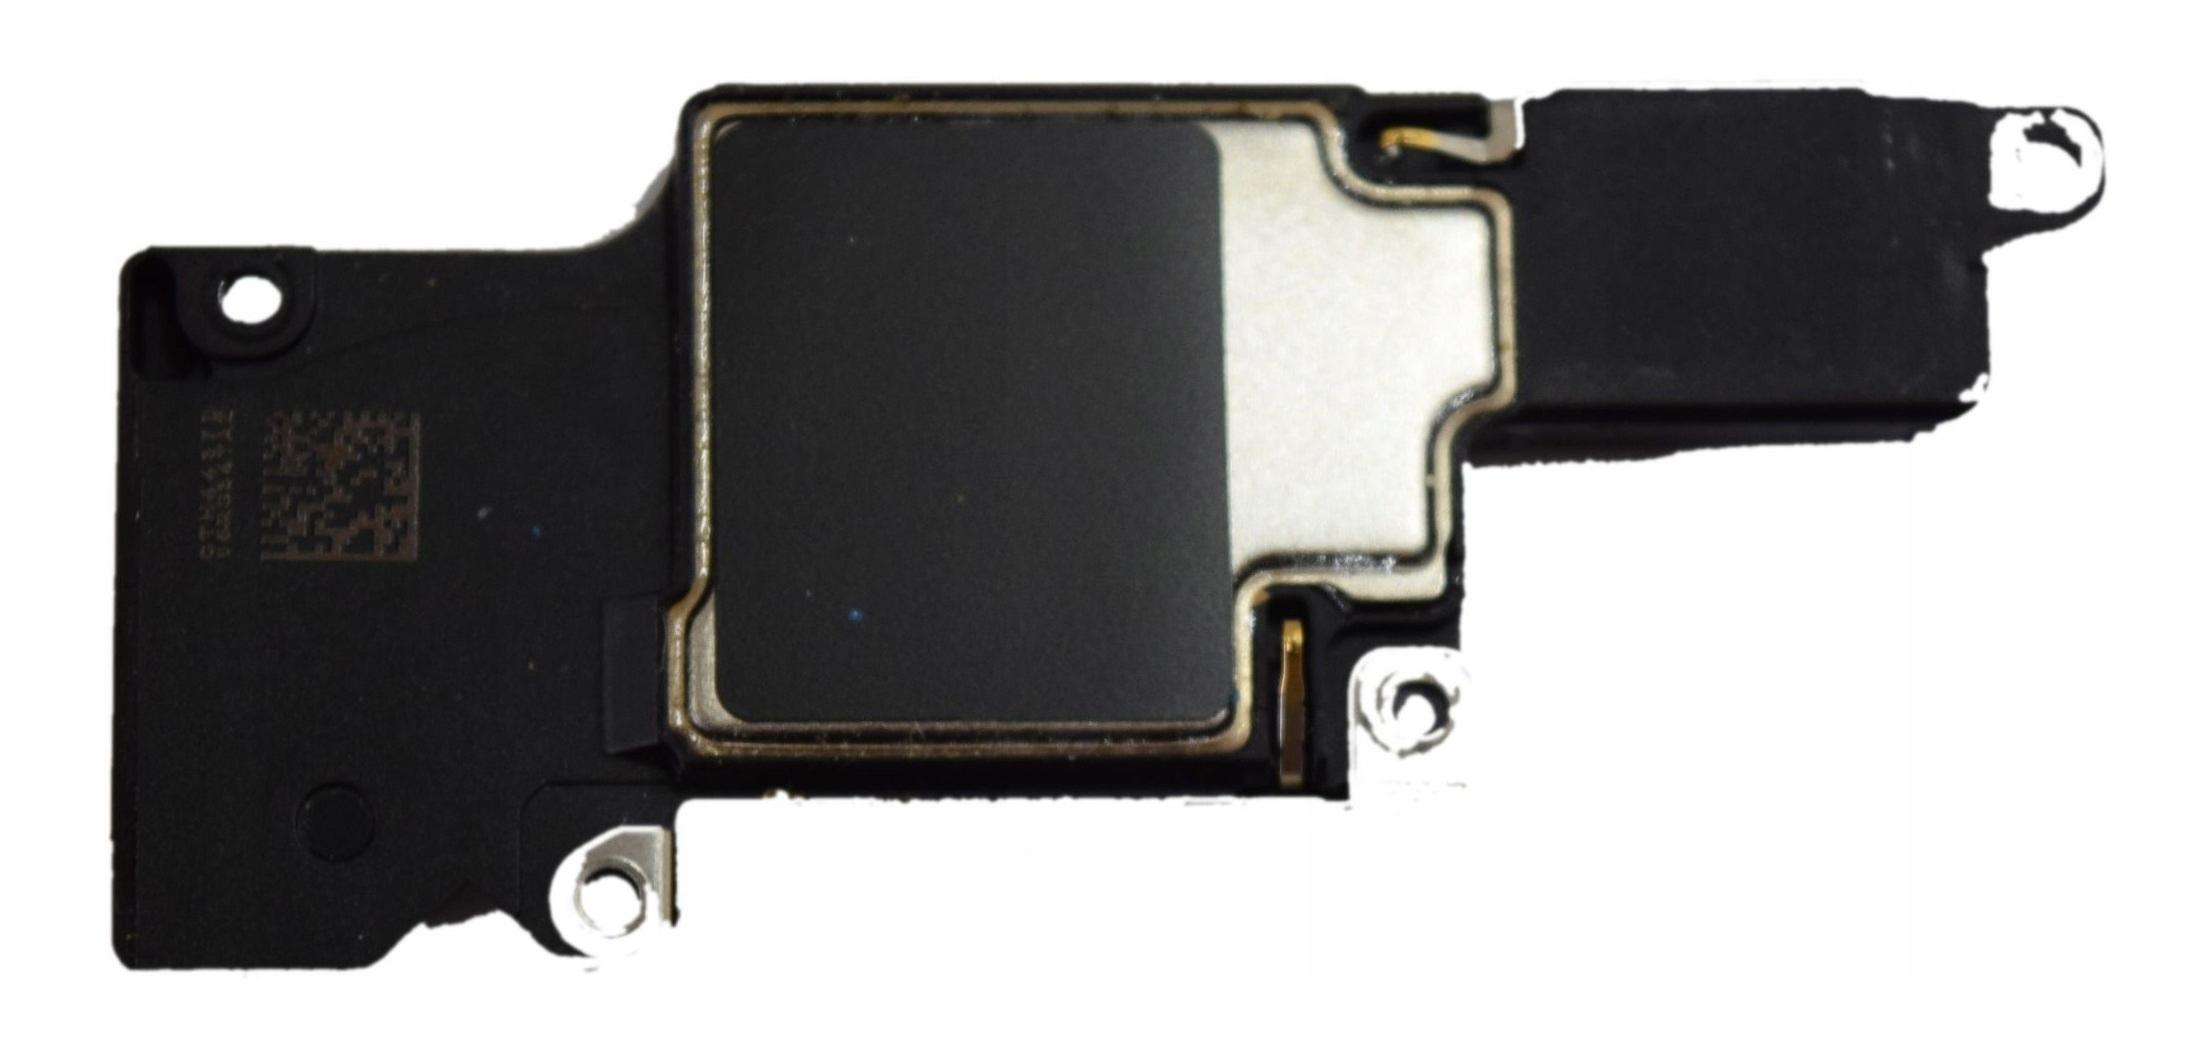 Głośnik Apple iPhone 6 Plus 16GB